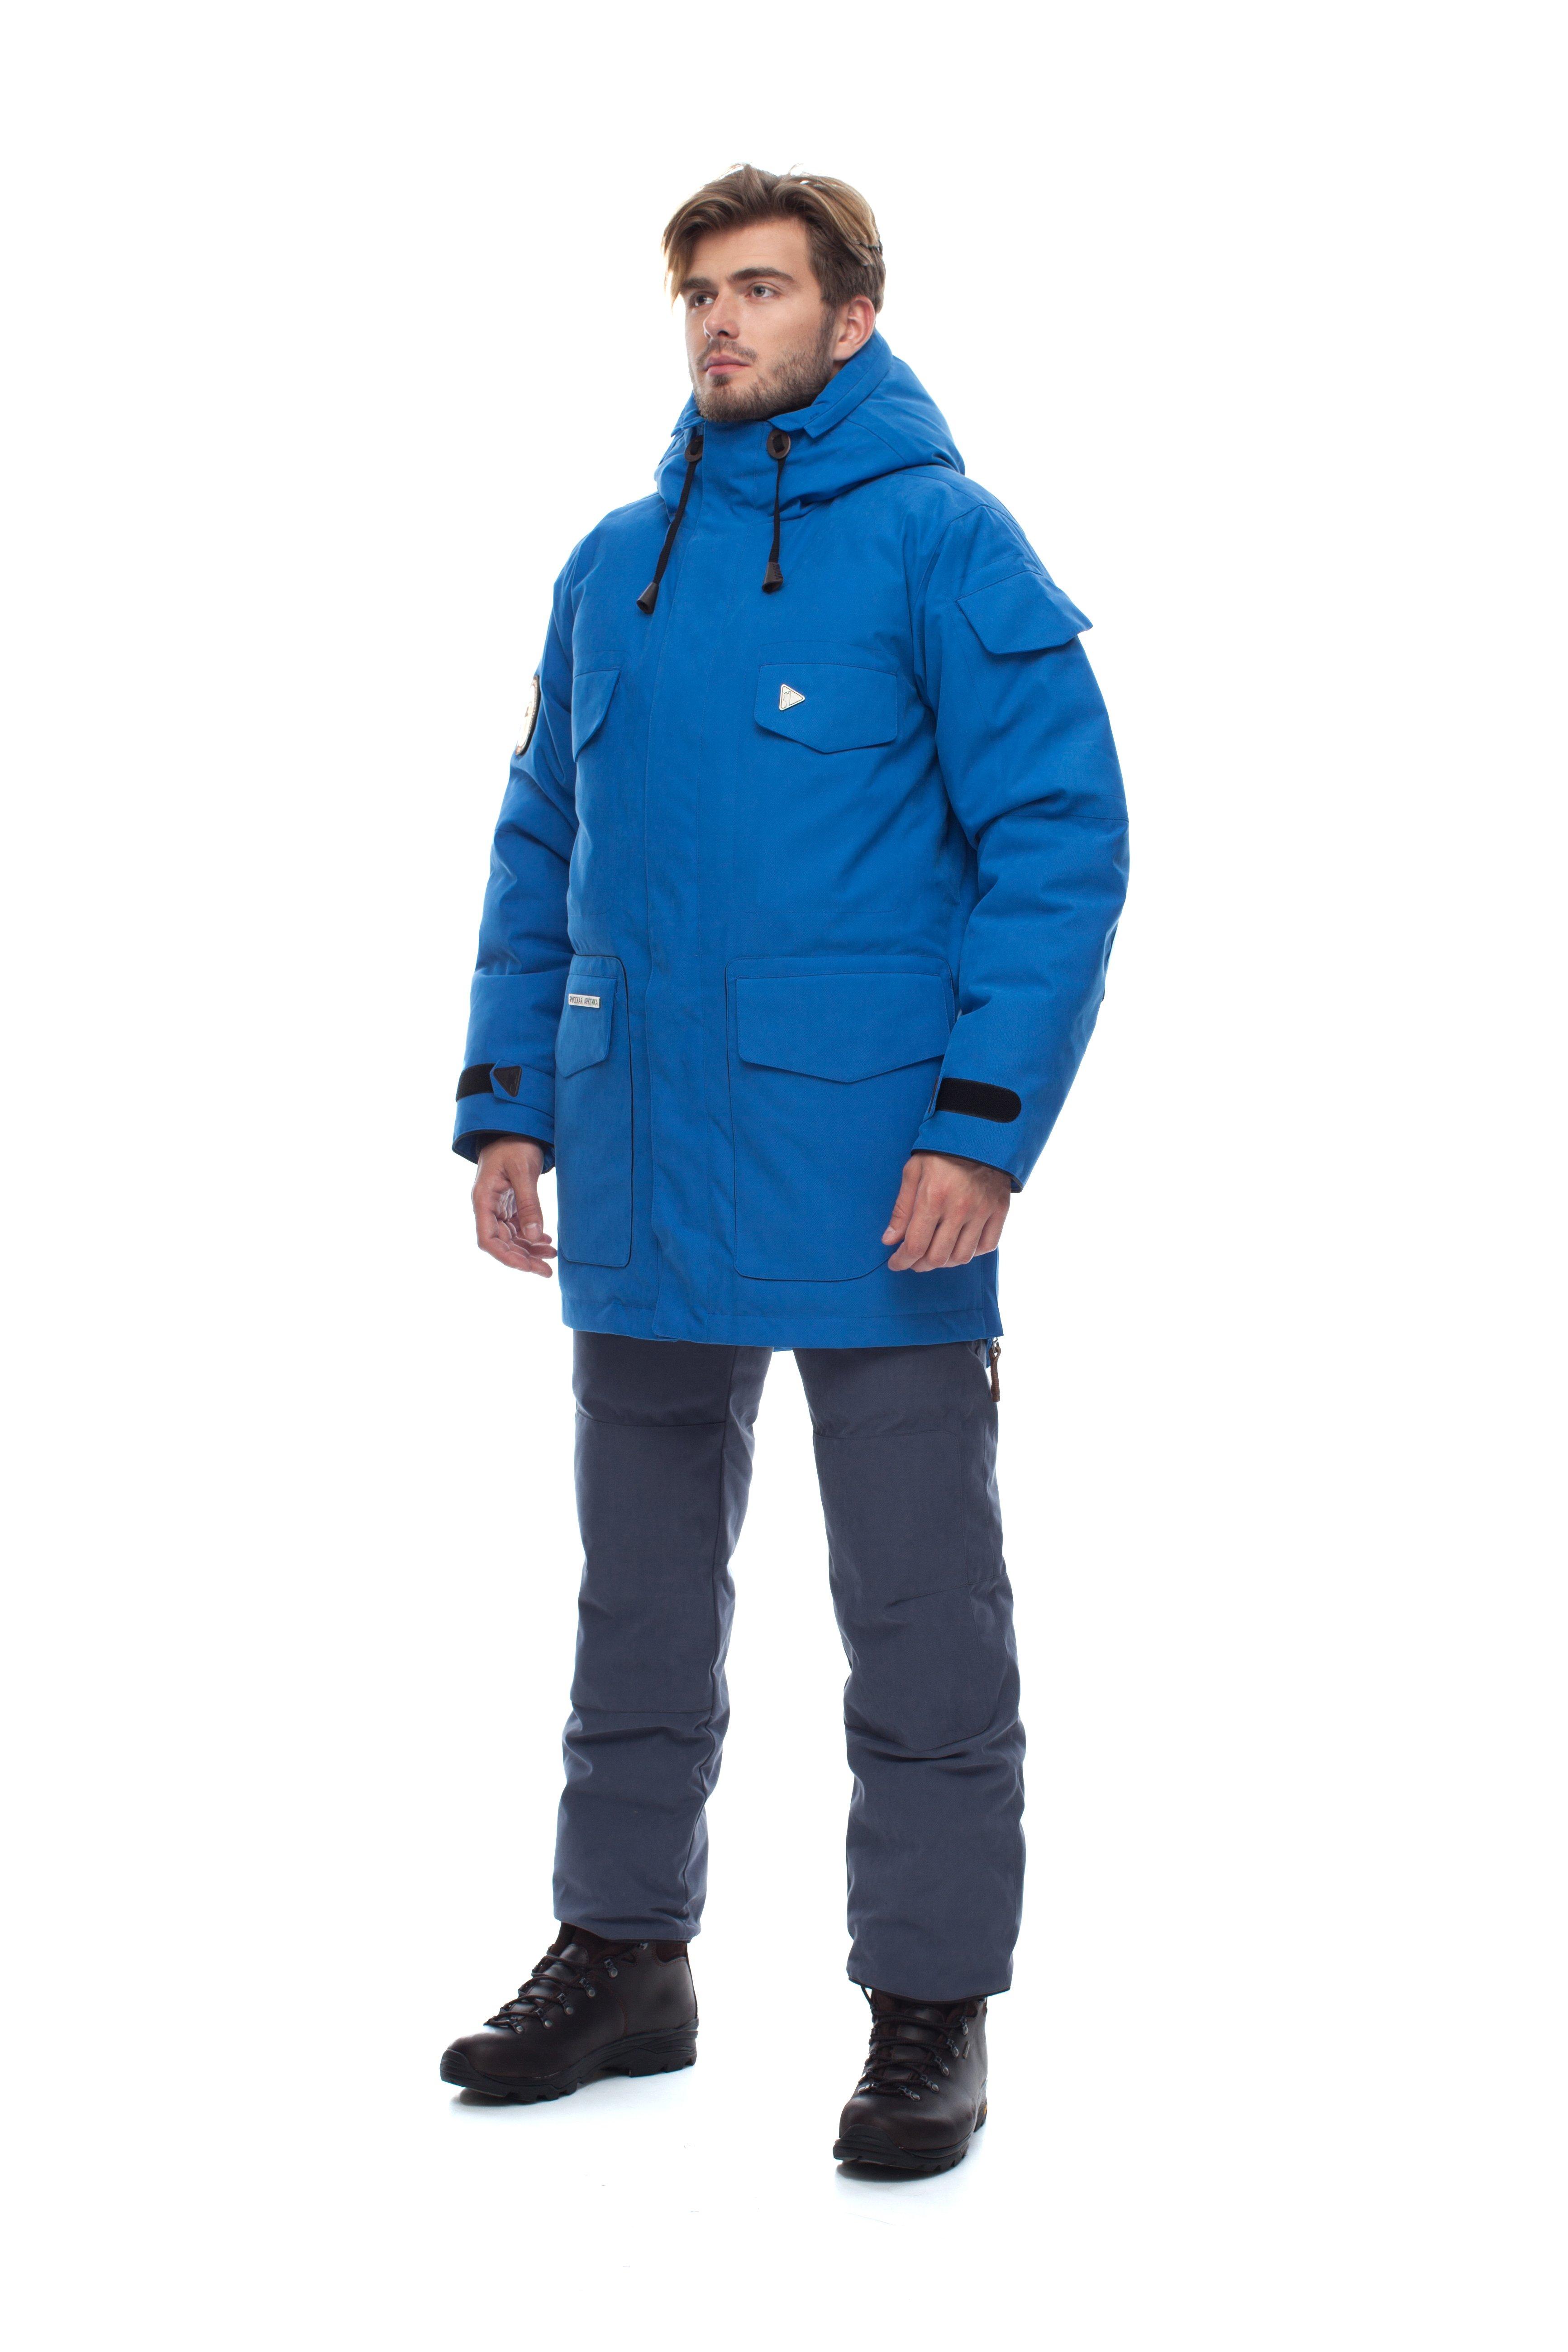 Пуховая куртка BASK TAIMYR 3773Тепло дешевле летом<br><br><br>Верхняя ткань: Advance® Alaska<br>Вес граммы: 2550<br>Вес утеплителя: 430<br>Ветро-влагозащитные свойства верхней ткани: Да<br>Ветрозащитная планка: Да<br>Ветрозащитная юбка: Да<br>Влагозащитные молнии: Нет<br>Внутренние манжеты: Да<br>Внутренняя ткань: Advance® Classic<br>Водонепроницаемость: 5000<br>Дублирующий центральную молнию клапан: Да<br>Защитный козырёк капюшона: Нет<br>Капюшон: Несъемный<br>Карман для средств связи: Да<br>Количество внешних карманов: 9<br>Количество внутренних карманов: 2<br>Мембрана: Да<br>Объемный крой локтевой зоны: Да<br>Отстёгивающиеся рукава: Нет<br>Паропроницаемость: 5000<br>Показатель Fill Power (для пуховых изделий): 650<br>Проклейка швов: Нет<br>Регулировка манжетов рукавов: Да<br>Регулировка низа: Нет<br>Регулировка объёма капюшона: Да<br>Регулировка талии: Да<br>Регулируемые вентиляционные отверстия: Нет<br>Световозвращающая лента: Нет<br>Температурный режим: -40<br>Технология Thermal Welding: Нет<br>Технология швов: Простые<br>Тип молнии: Двухзамковая<br>Тип утеплителя: Натуральный<br>Ткань усиления: нет<br>Усиление контактных зон: Да<br>Утеплитель: Гусиный пух<br>Размер RU: 44<br>Цвет: БЕЖЕВЫЙ